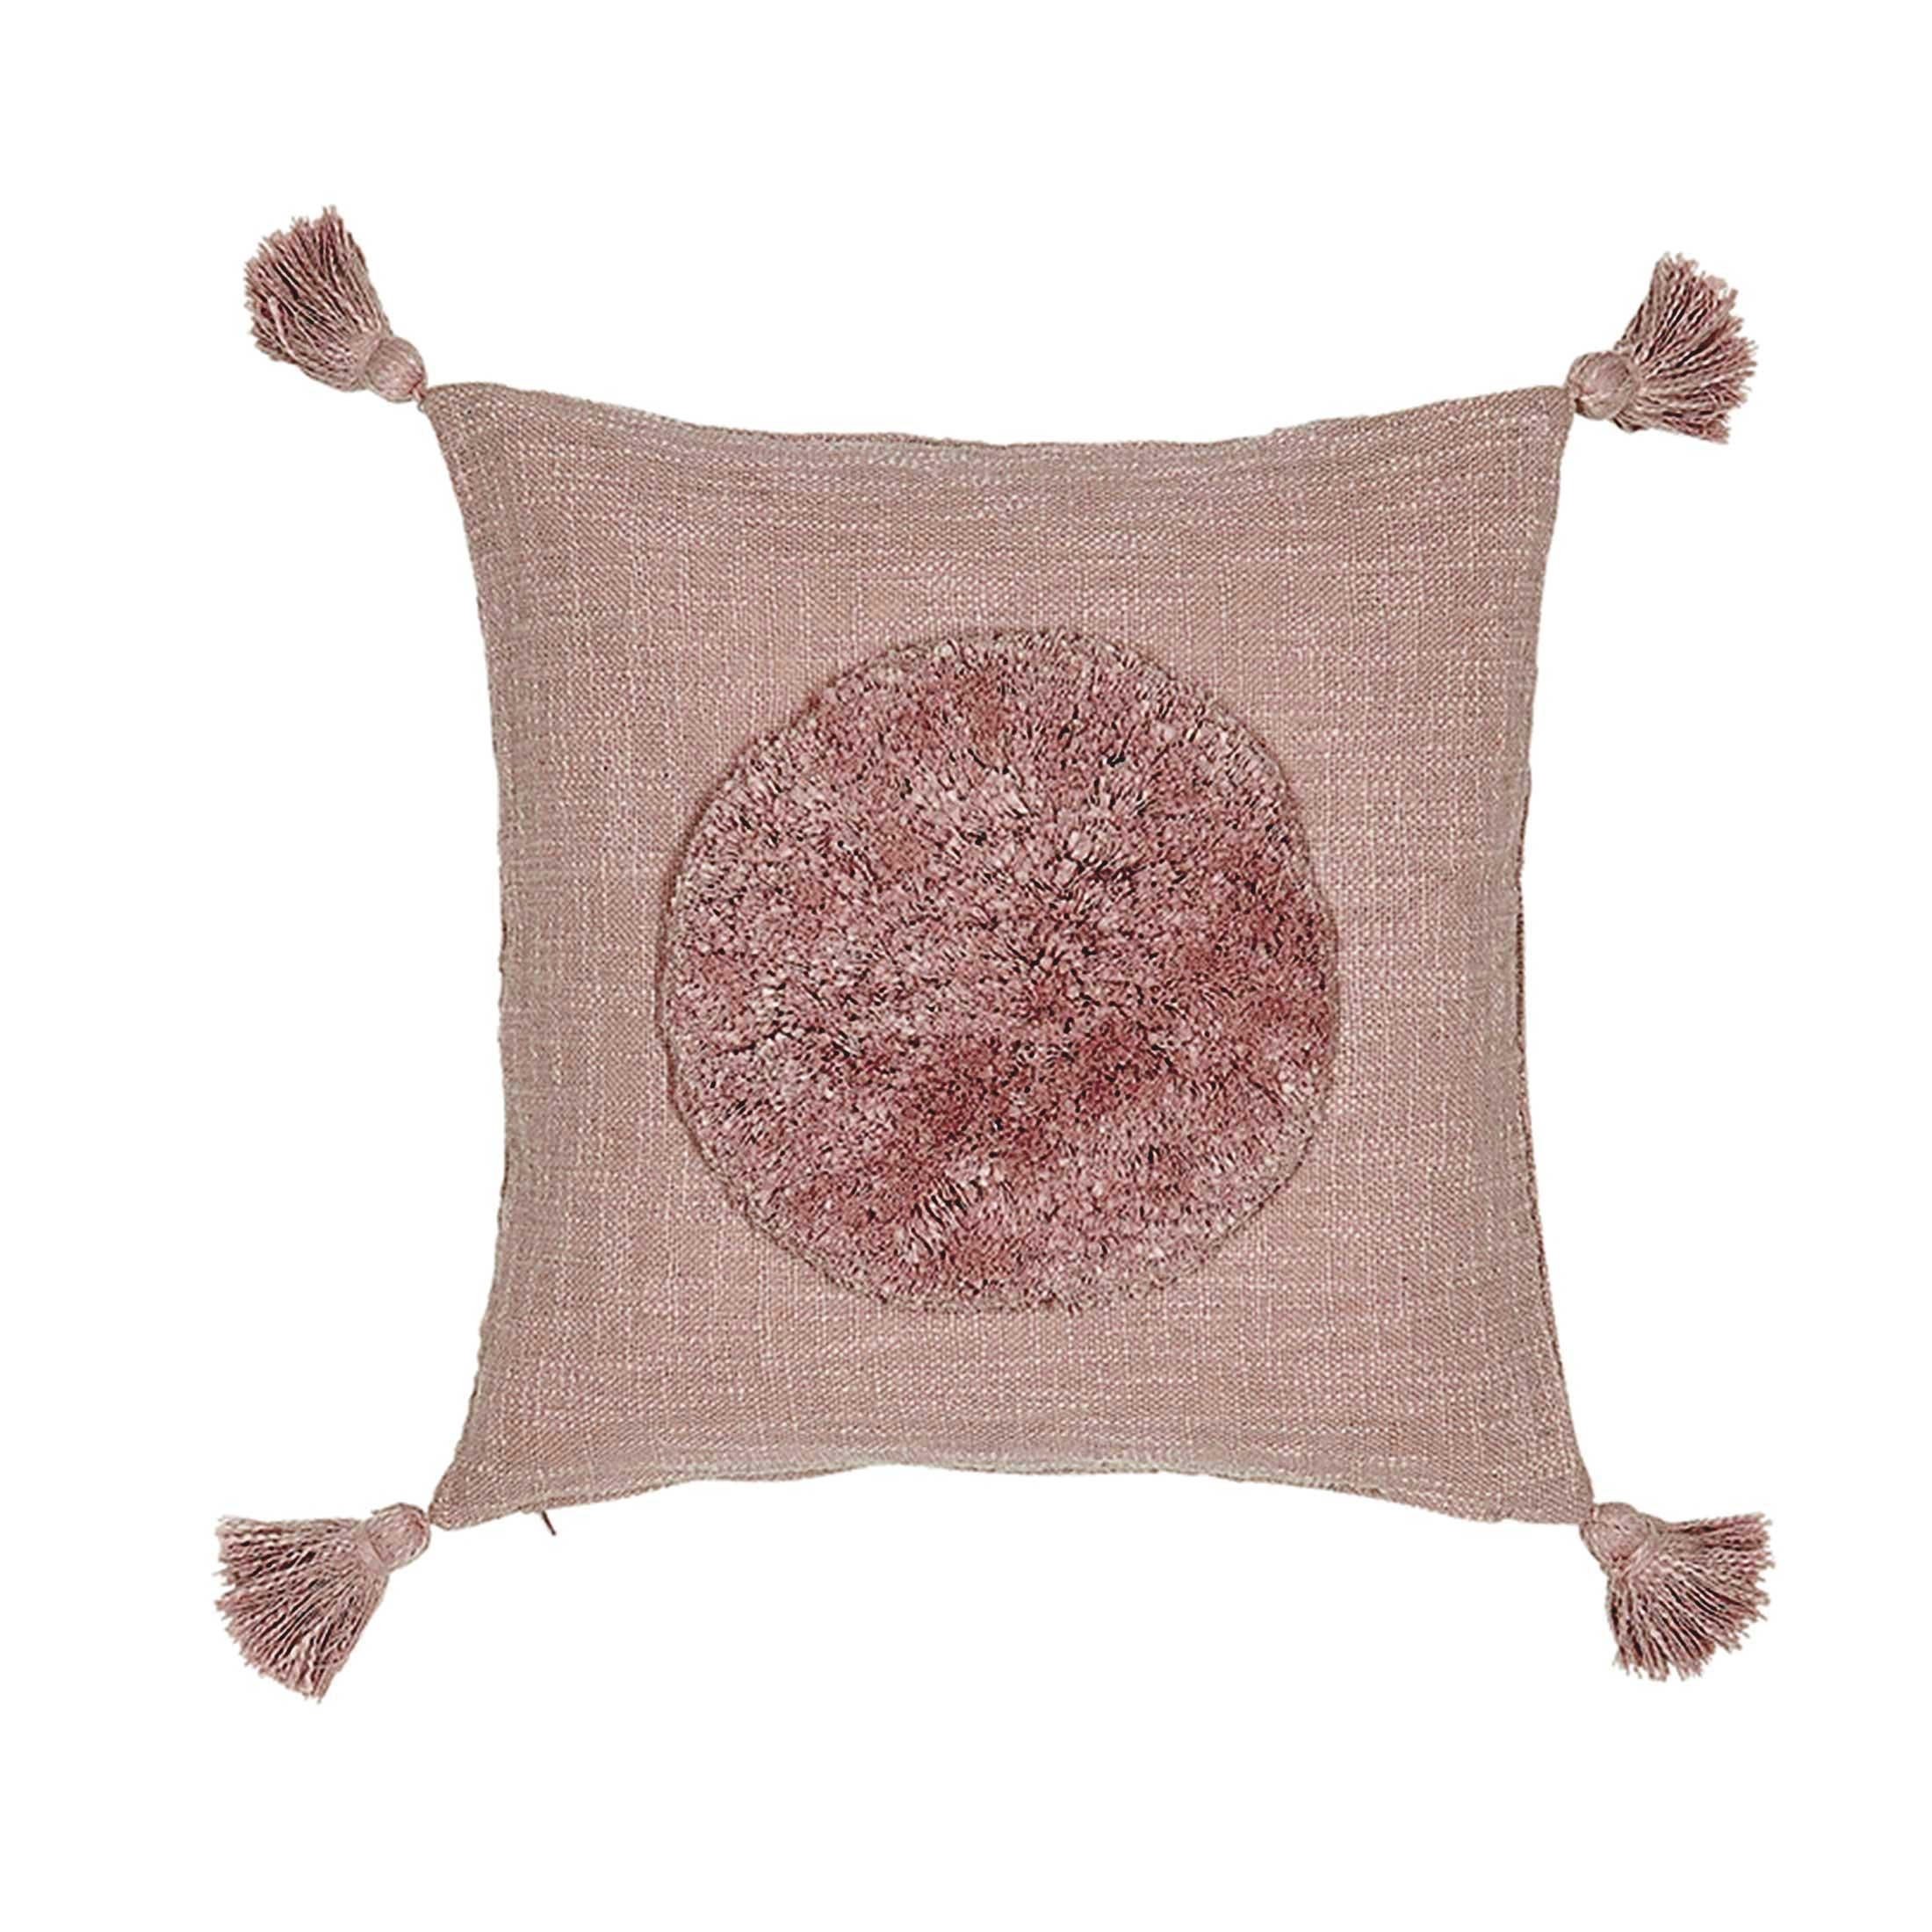 Deko Kissen in Mauve aus Baumwolle in 45 x 45 cm von der Marke Liv Interior. Traumhafte Kissen mit Bommel und Fransen finden Sie auf Soulbirdee.com